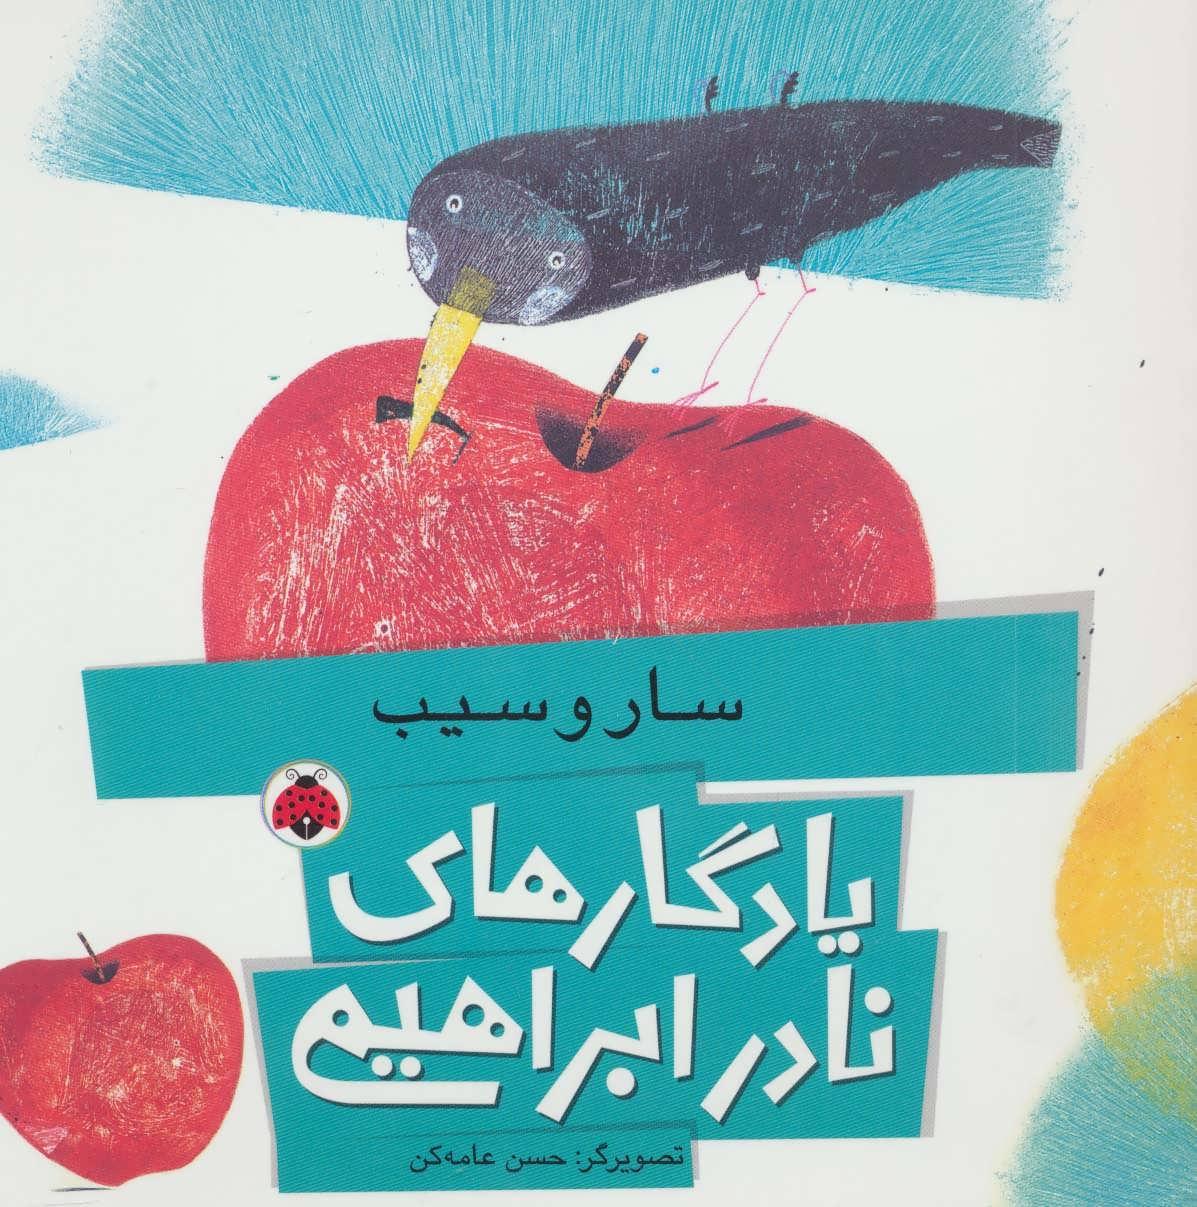 یادگارهای نادر ابراهیمی (سار و سیب)،(گلاسه)